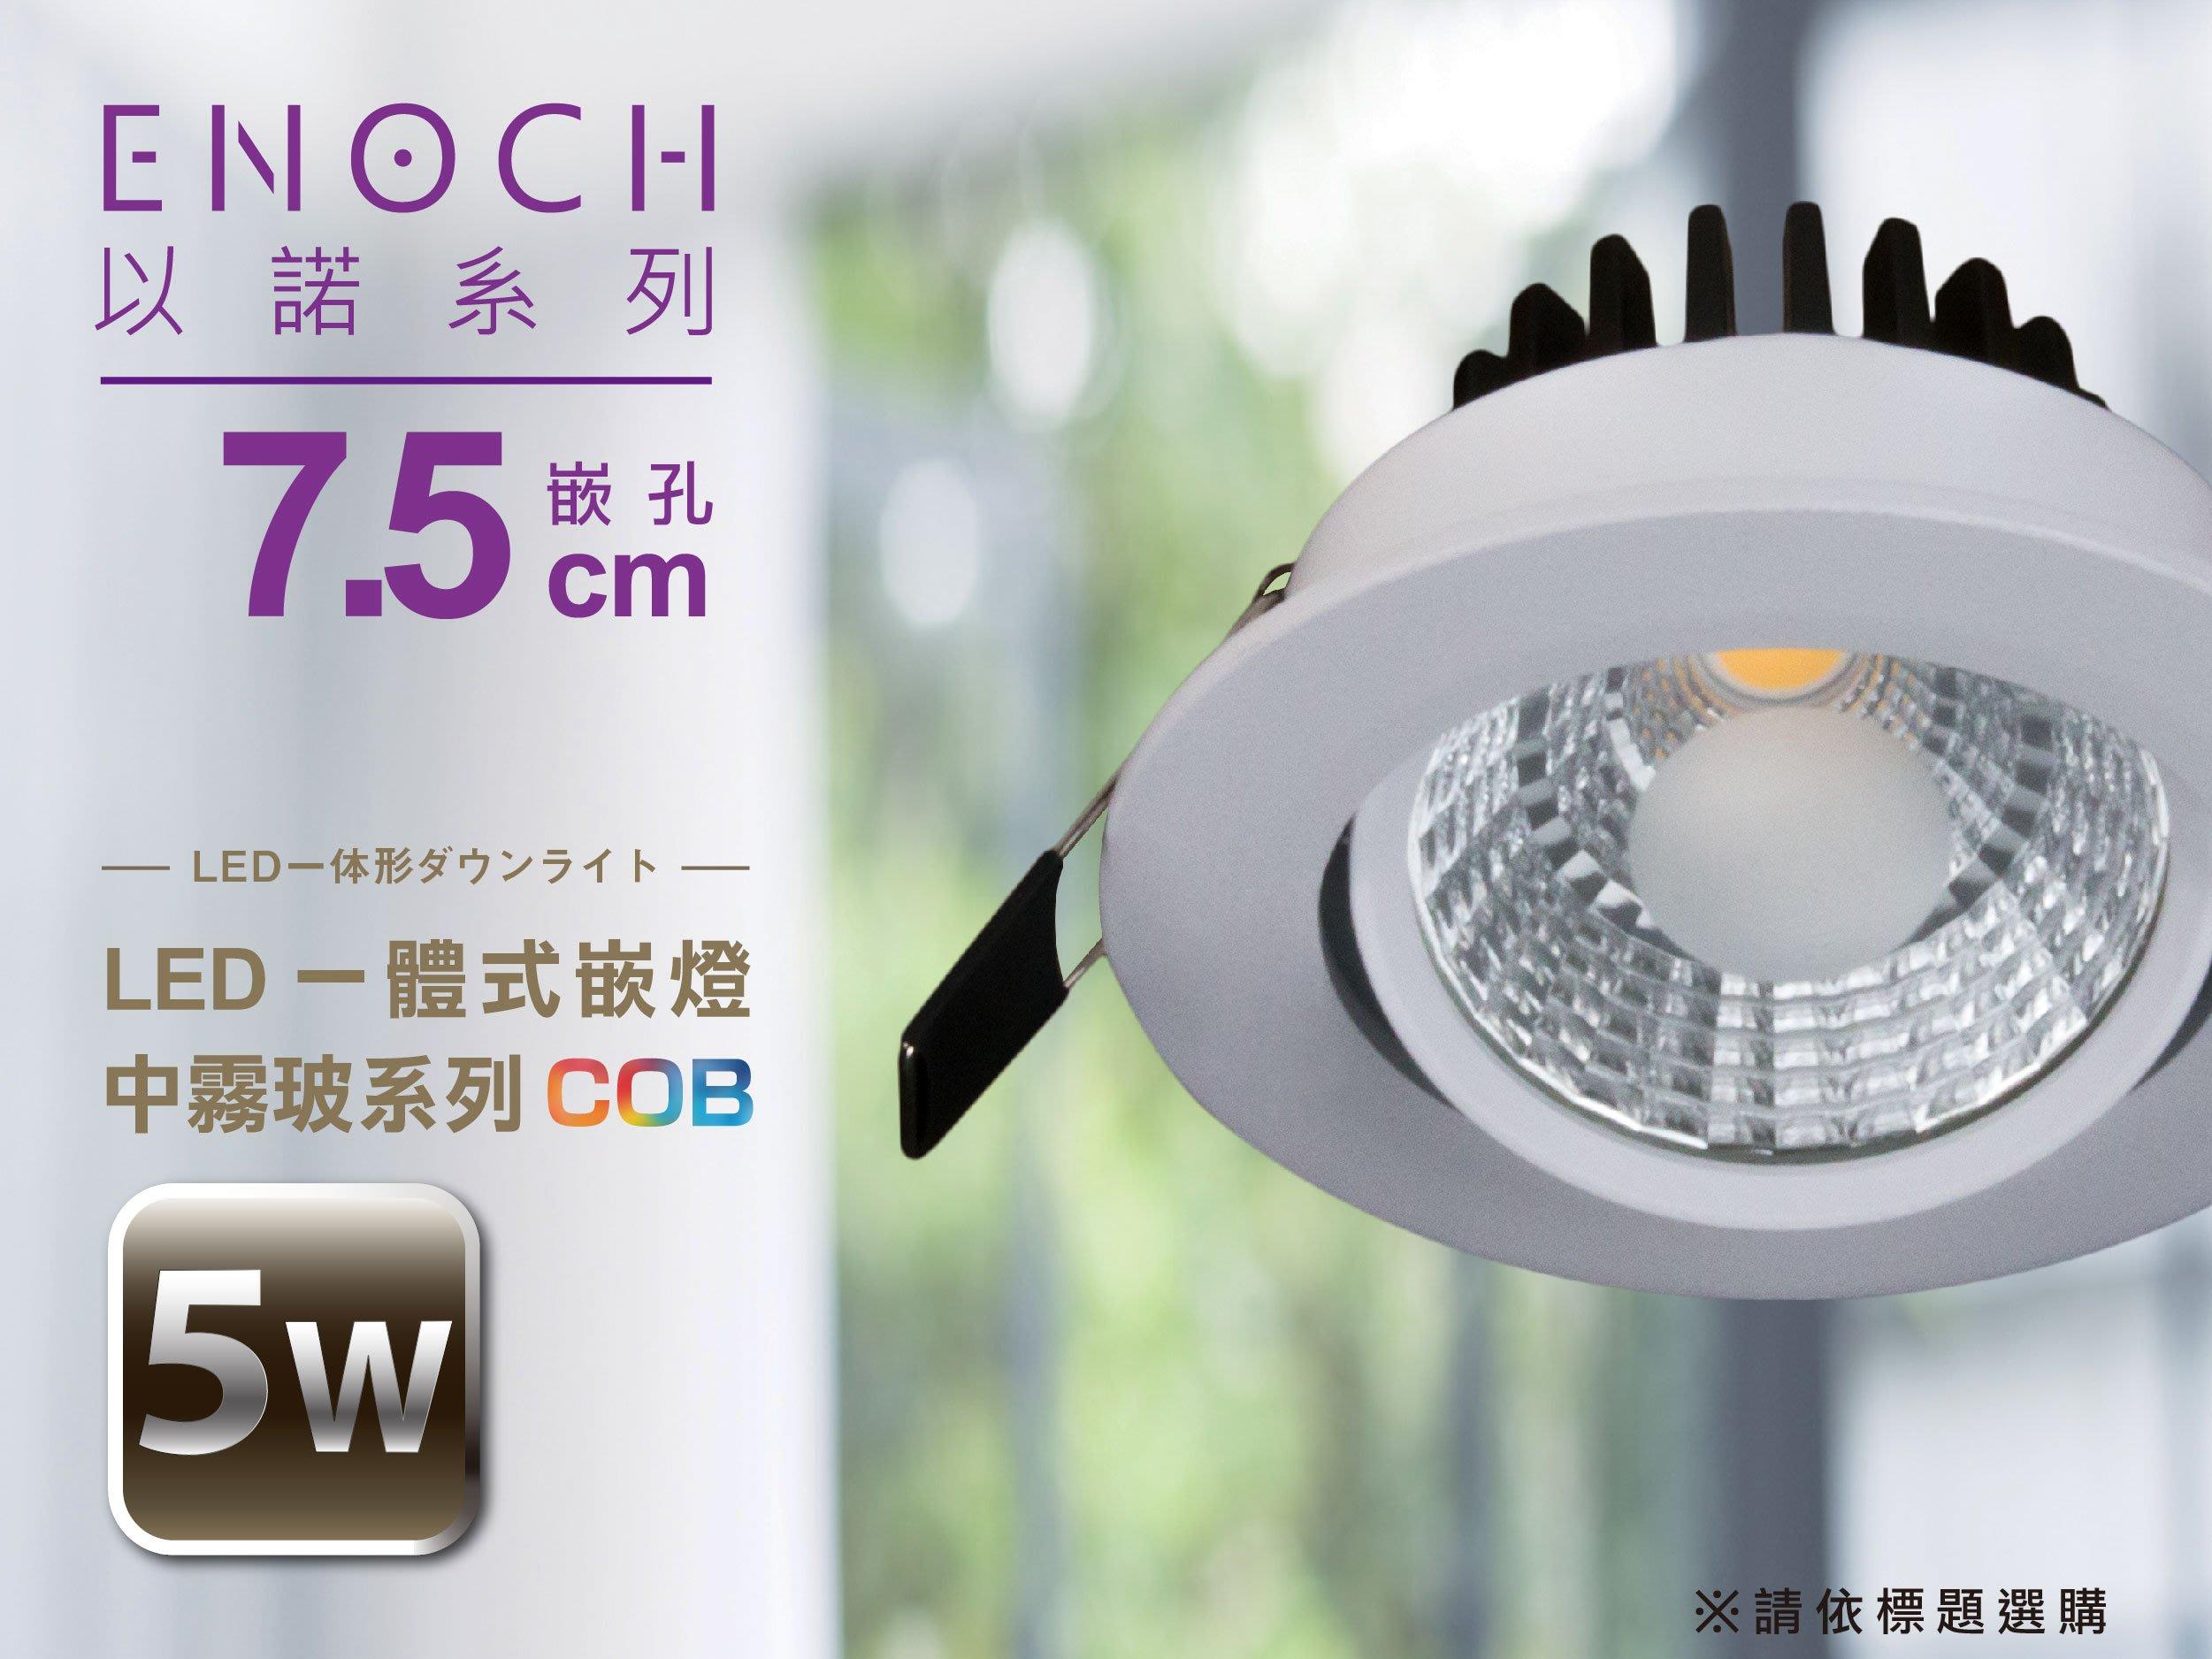 防眩光7.5cm中霚玻COB嵌燈✩以諾LED投射崁燈5W全電壓24度7W亮度4000K☆ENO-95702/奇恩舖子